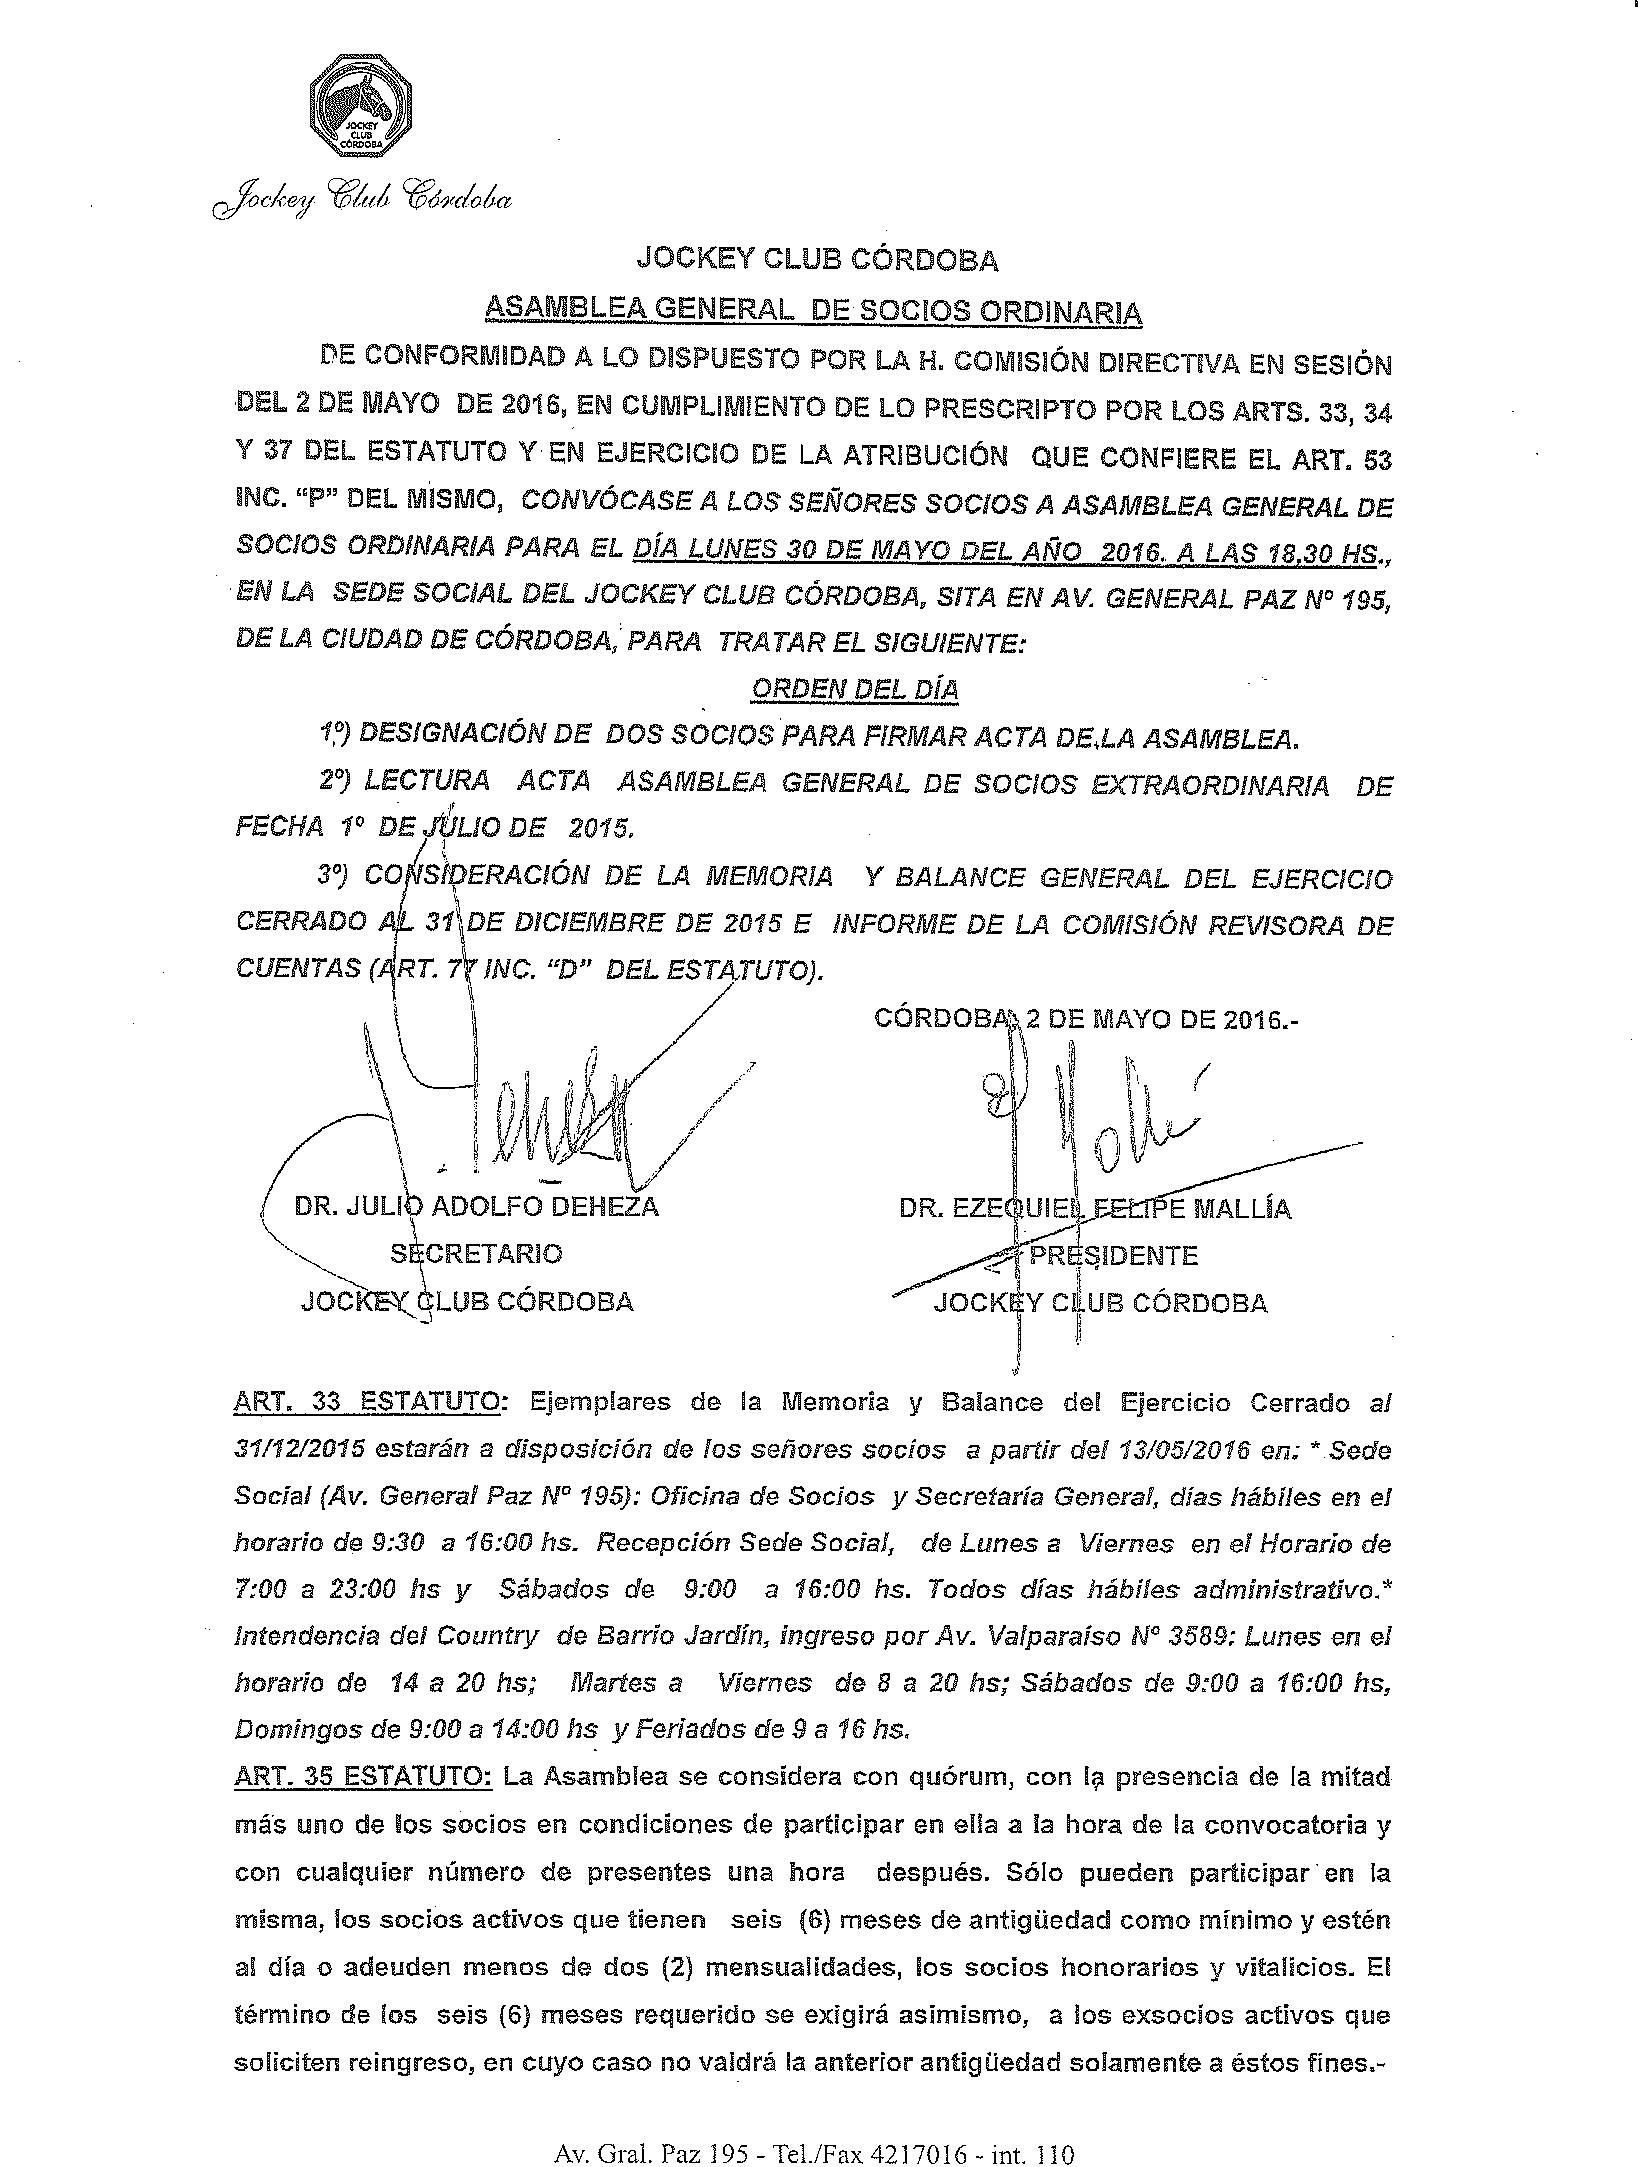 convocatoria_asamblea_ordinaria_2016_0001